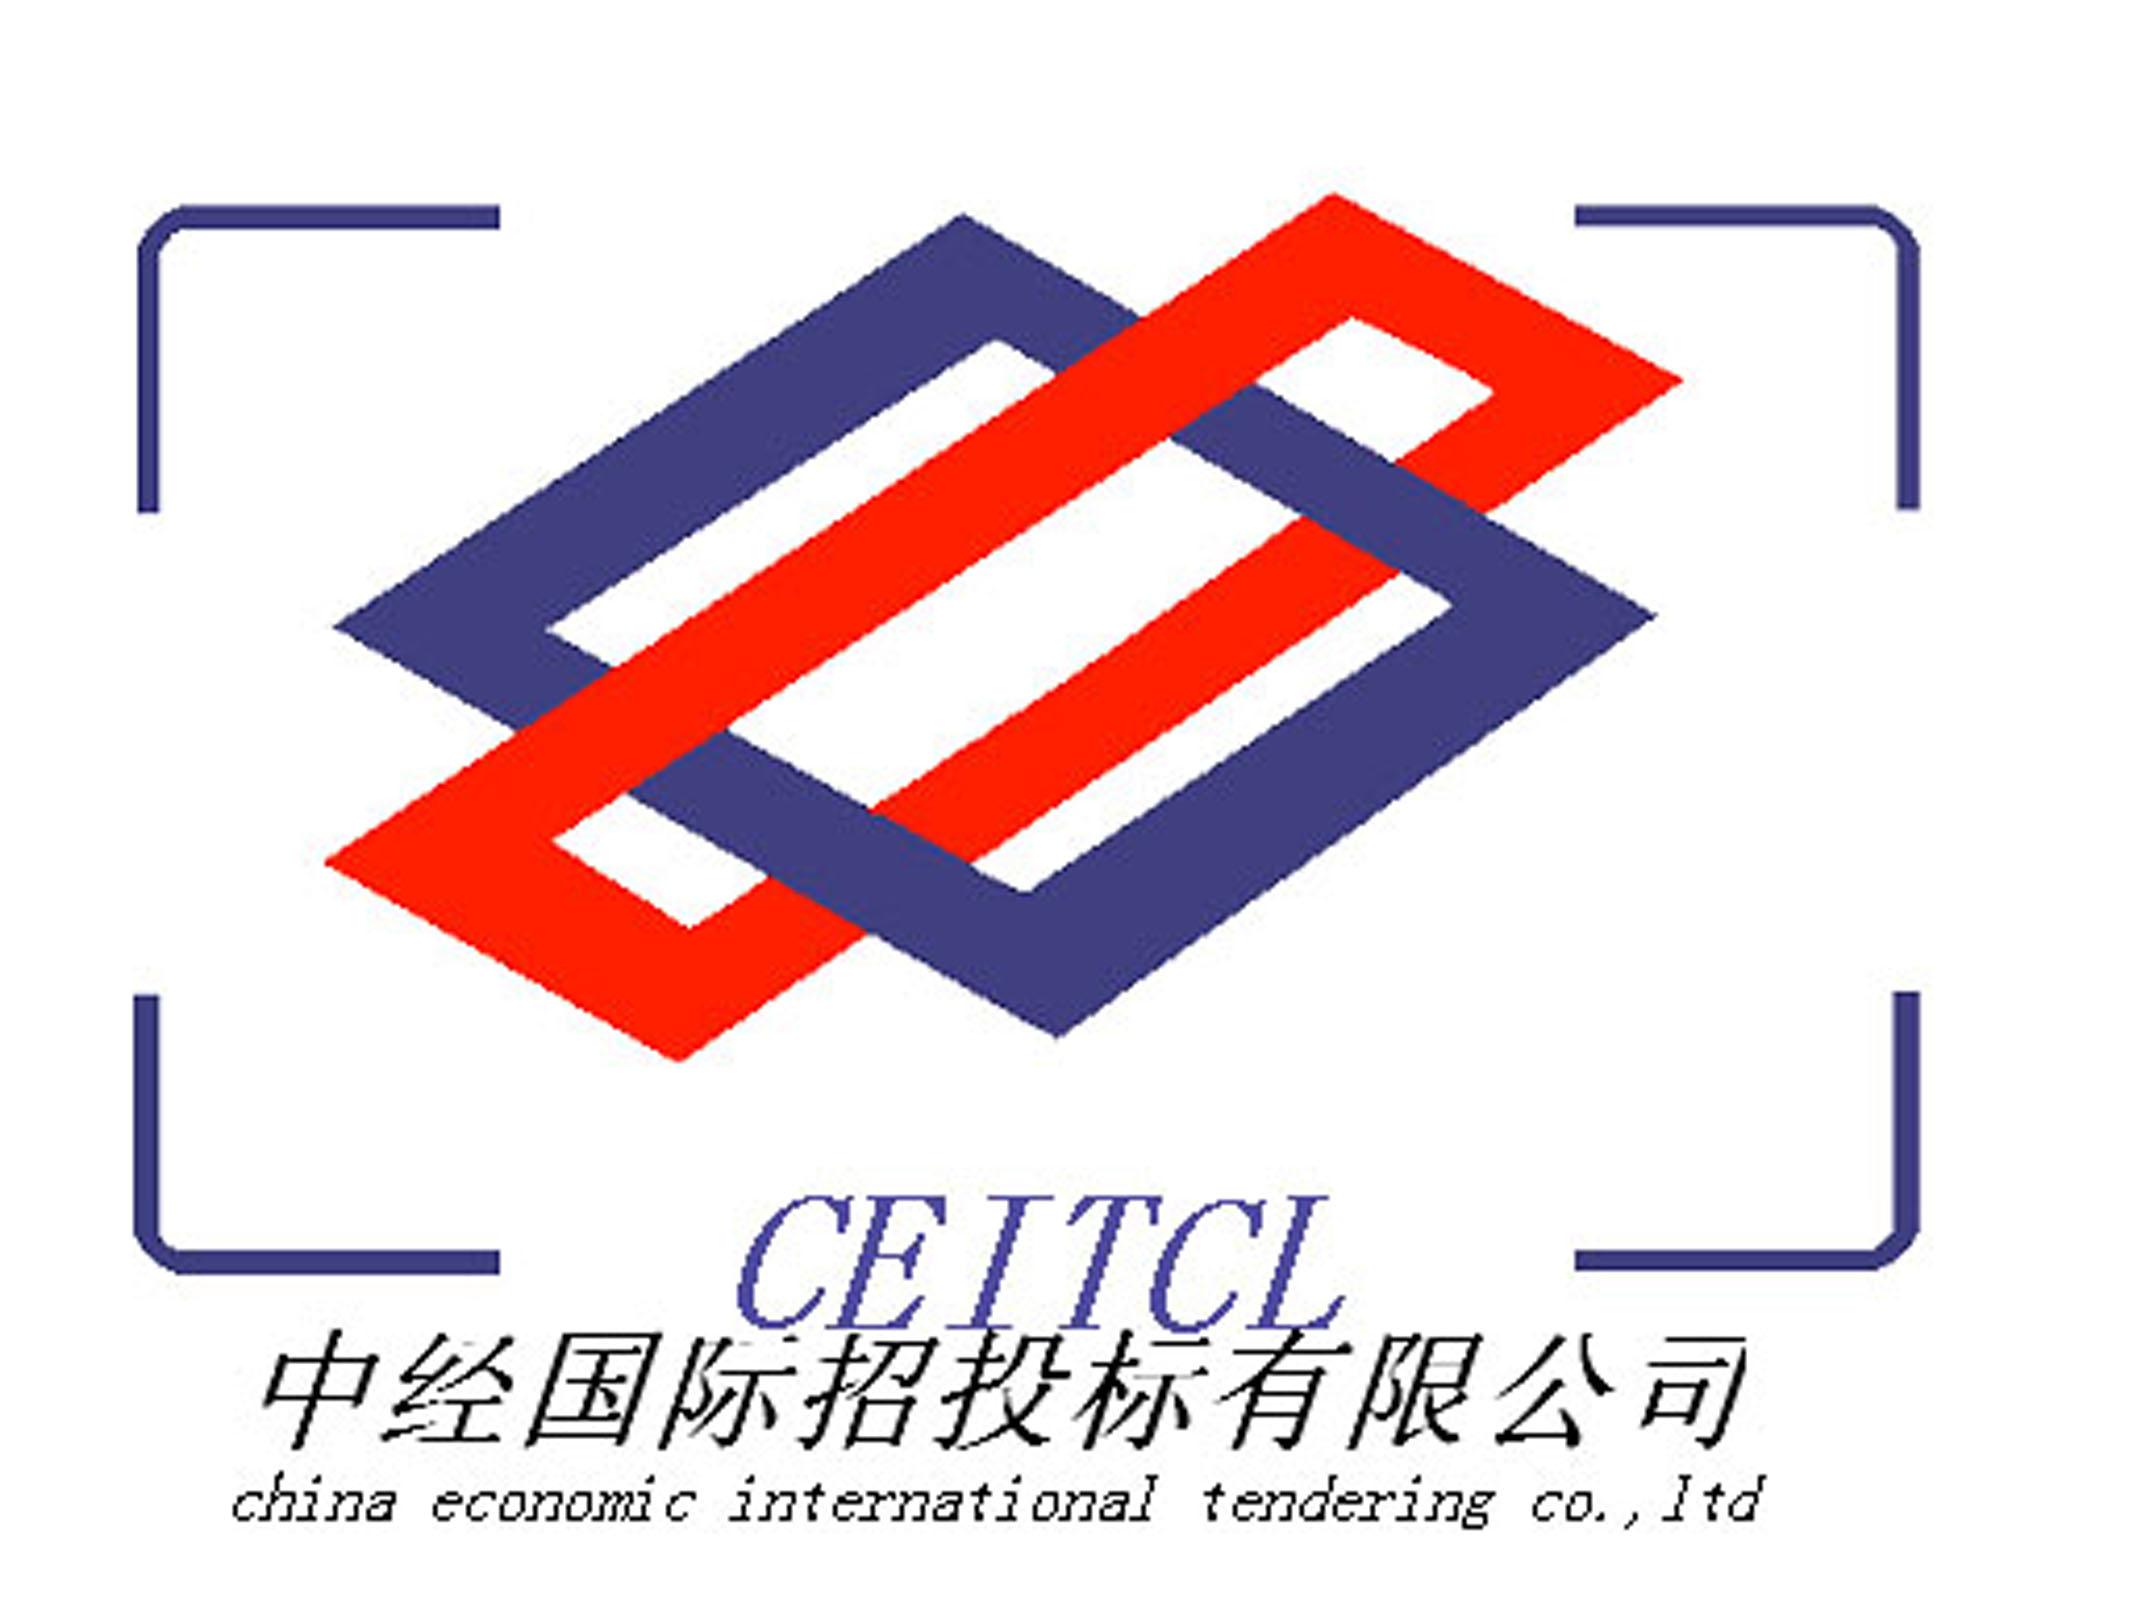 中经国际招标集团有限公司